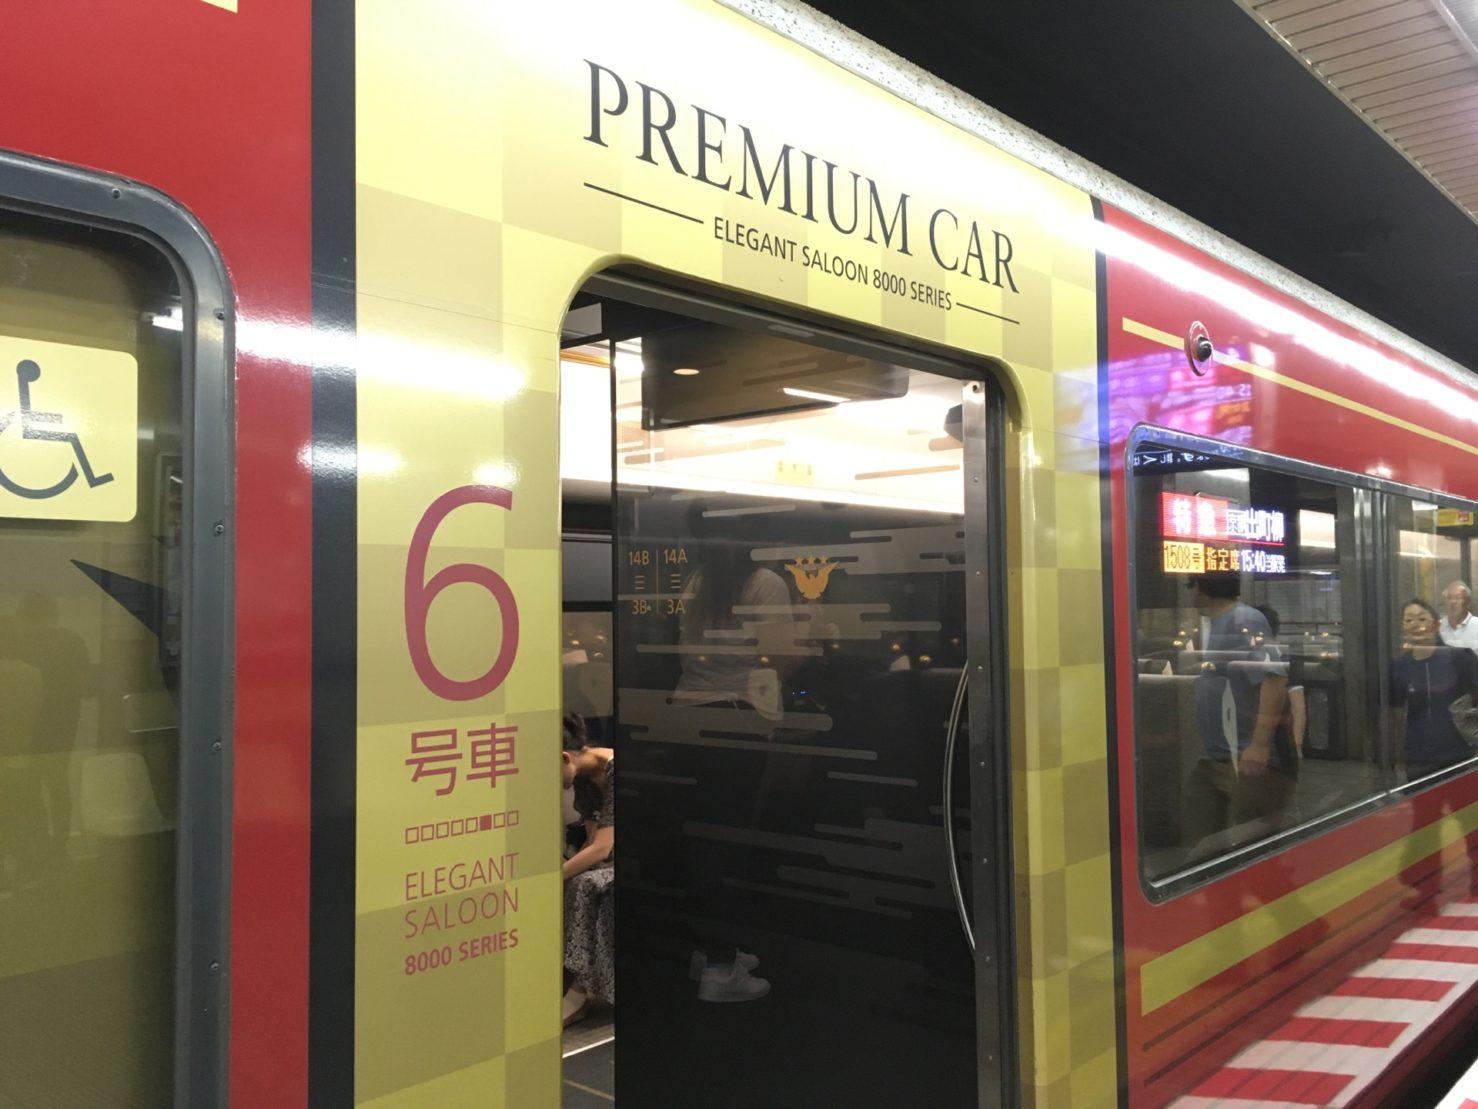 【プラス400円, 500円で快適性向上】京阪プレミアムカーに乗車!